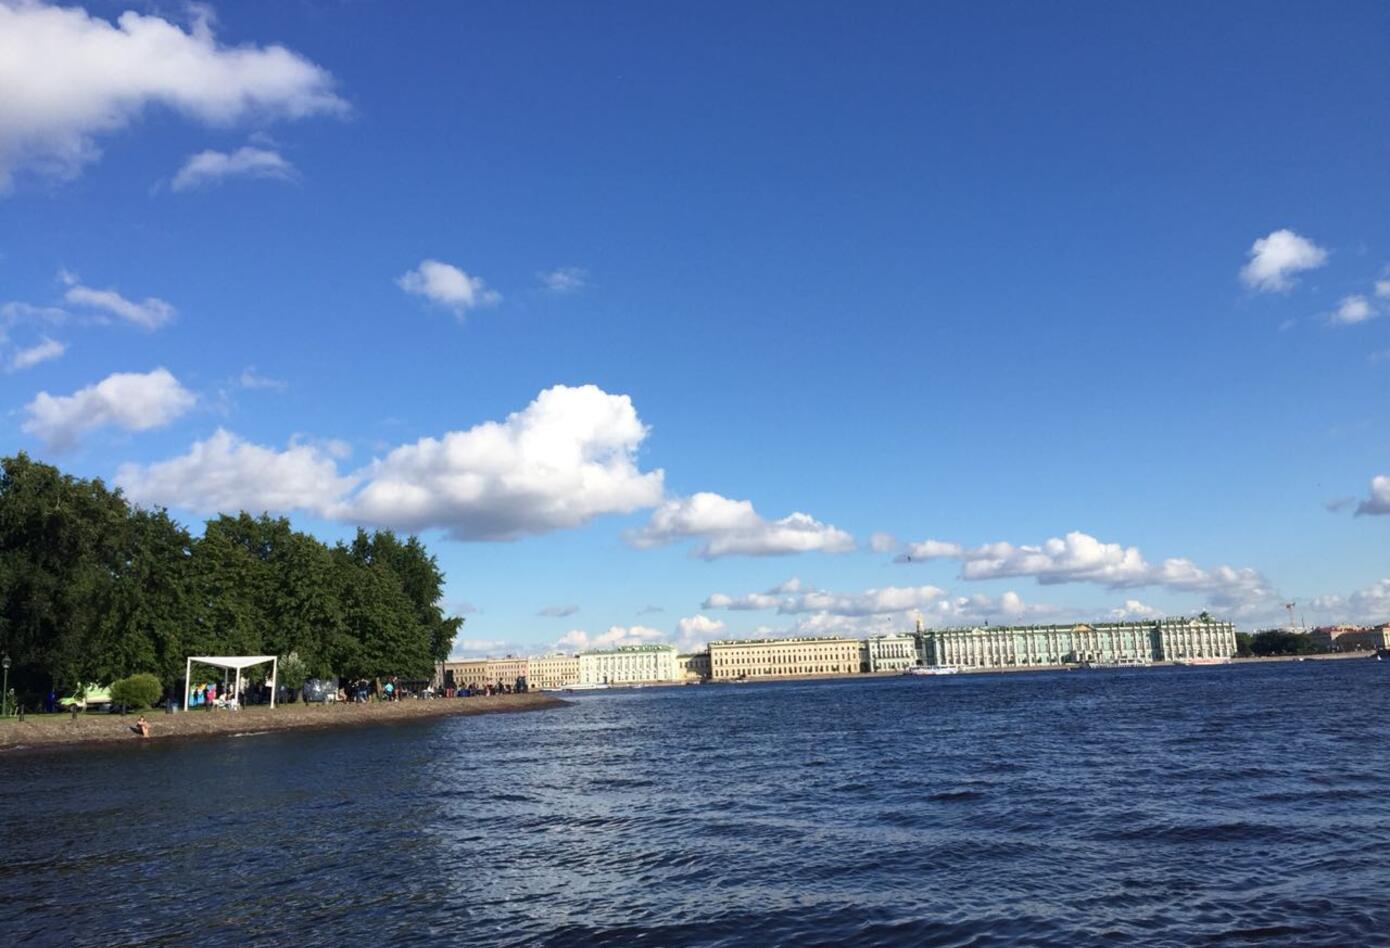 La ciudad rusa de San Petersburgo, a la que comparan con Venecia.